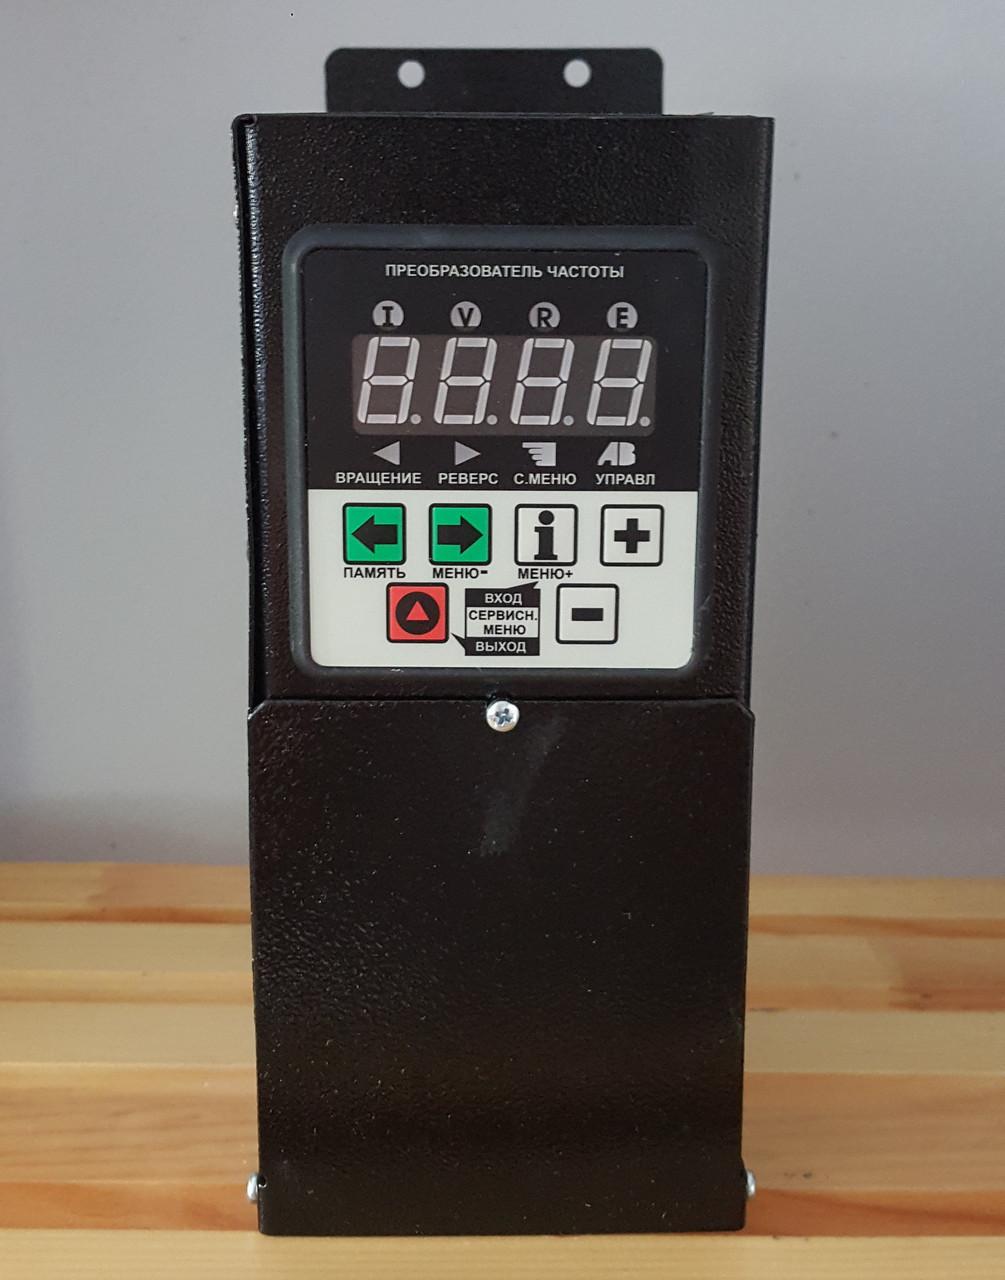 Частотный преобразователь (инвертор) CMF210 - 1,5 кВт ПО 5-00 Векторный